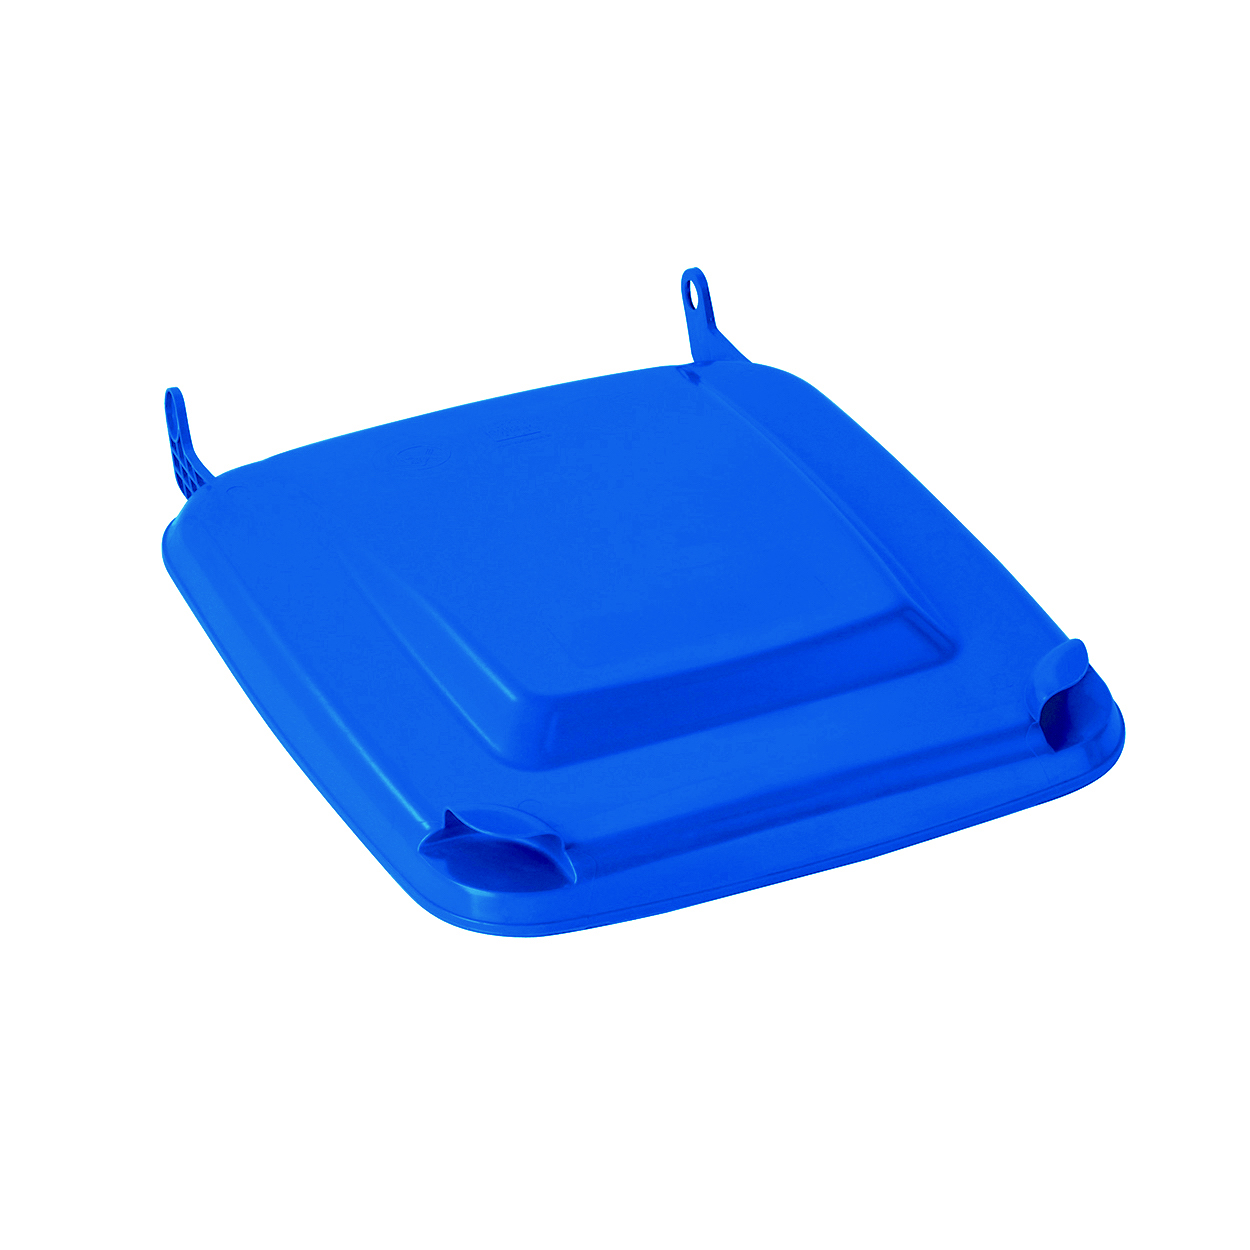 Veko k plastovej nádobe 120l, modré